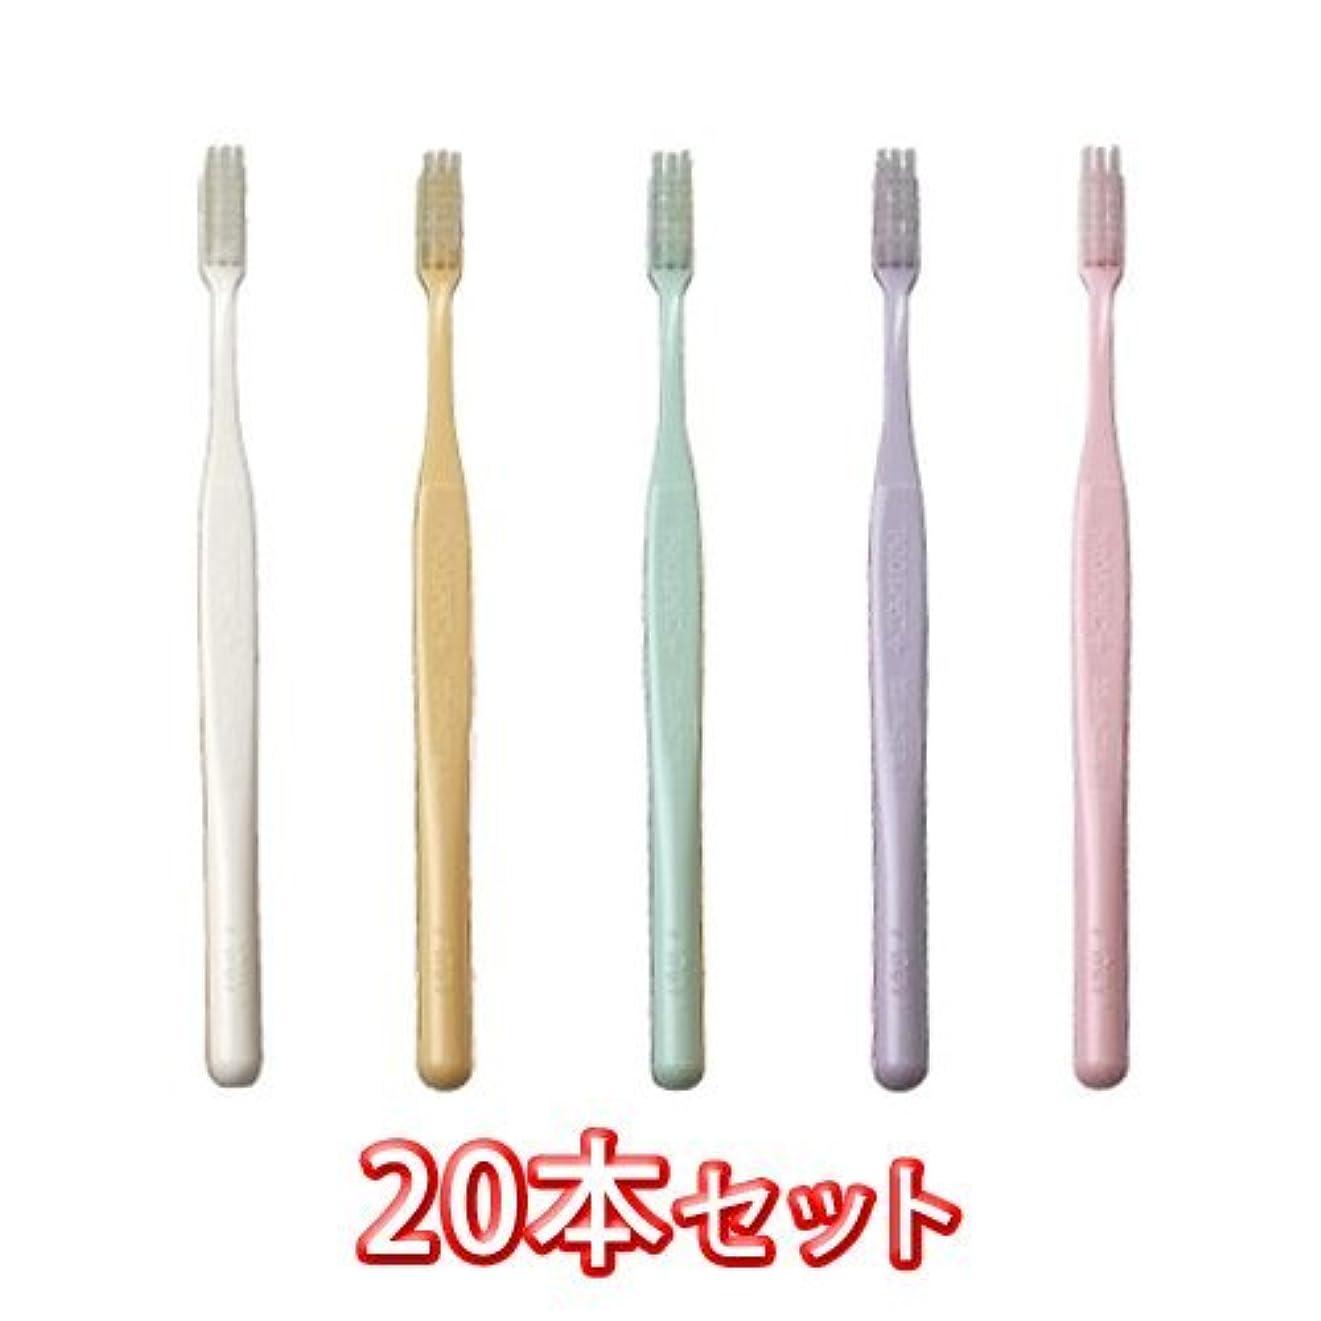 ハリケーン少ないみすぼらしいプロスペック 歯ブラシ プラス コンパクトスリム 20本入 ふつう色 S やわらかめ